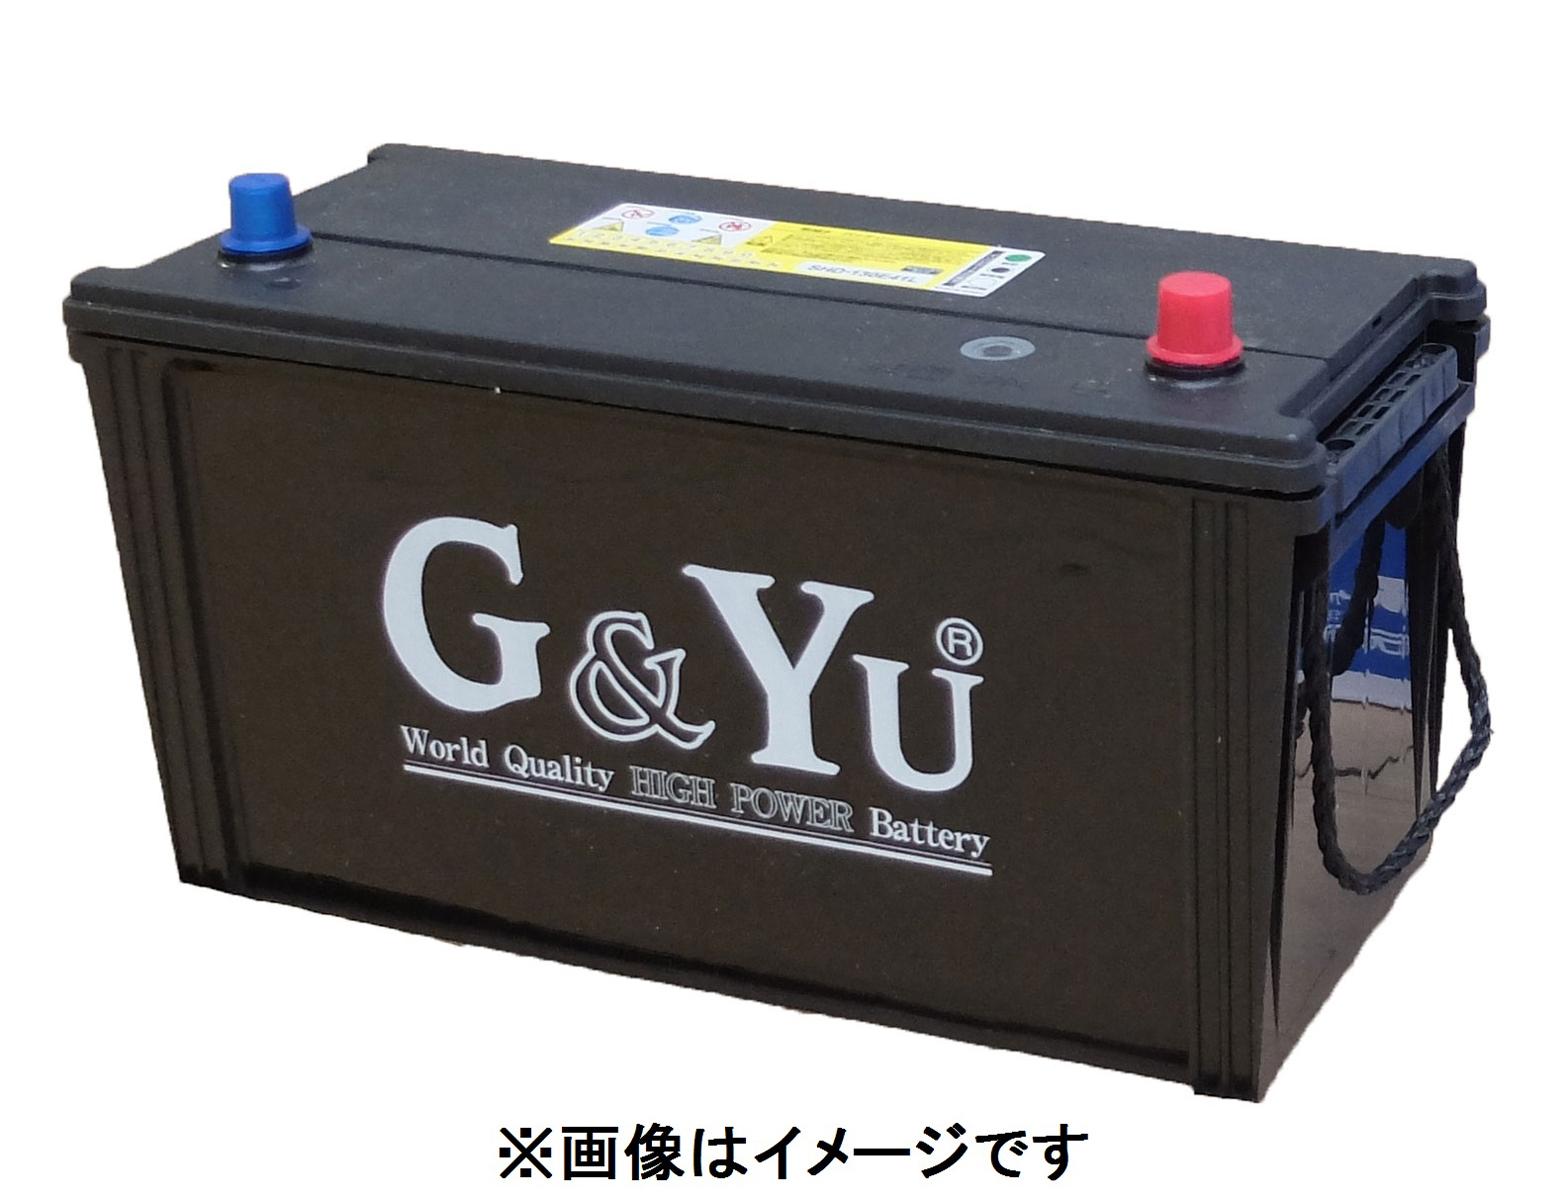 G&Yu battery SHD-130E41R